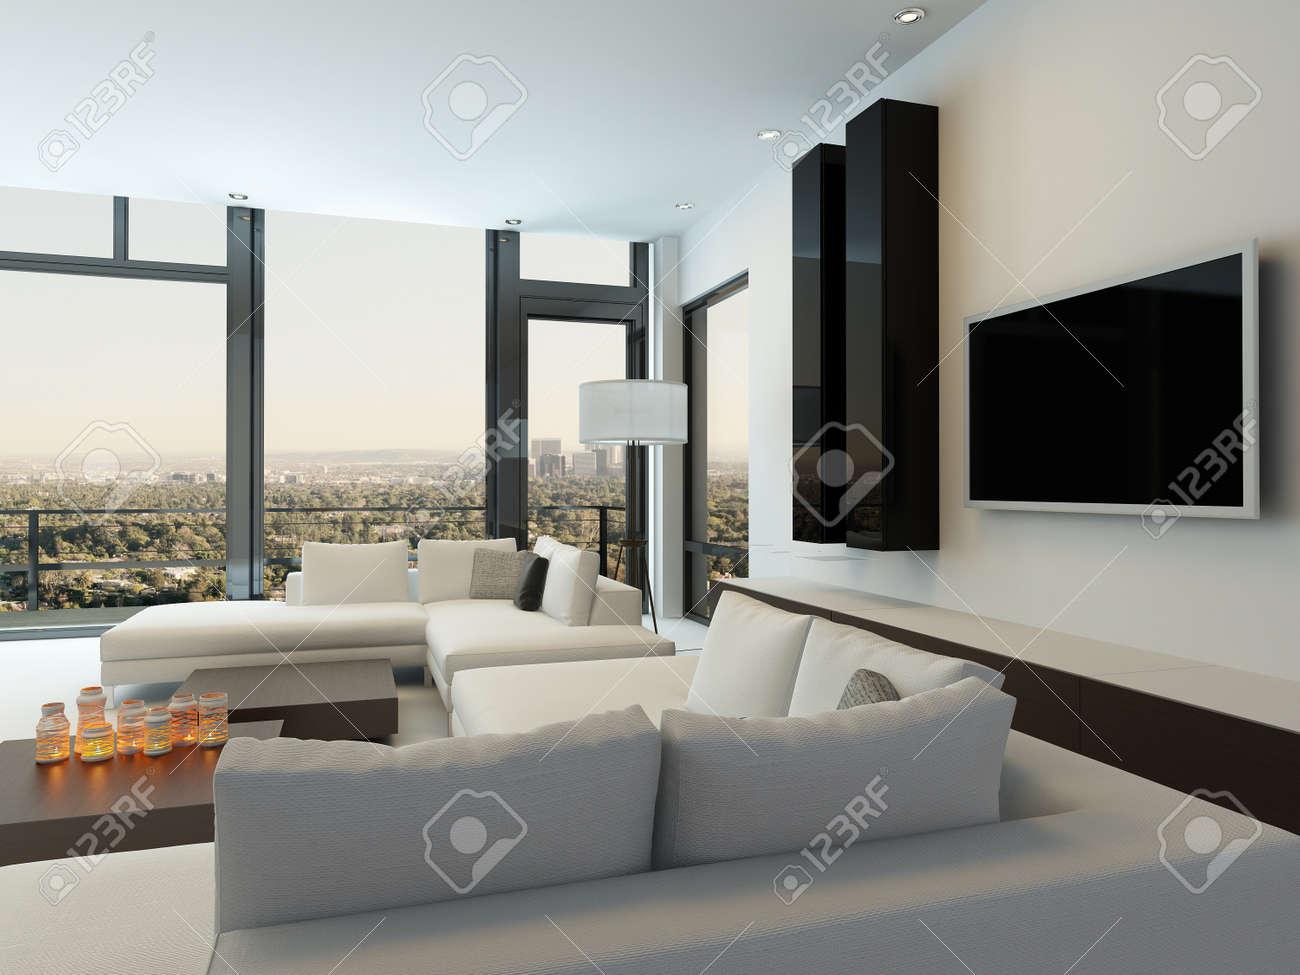 Modernes Design Sonnigen Wohnzimmer Interieur Mit Weißen Couch ...